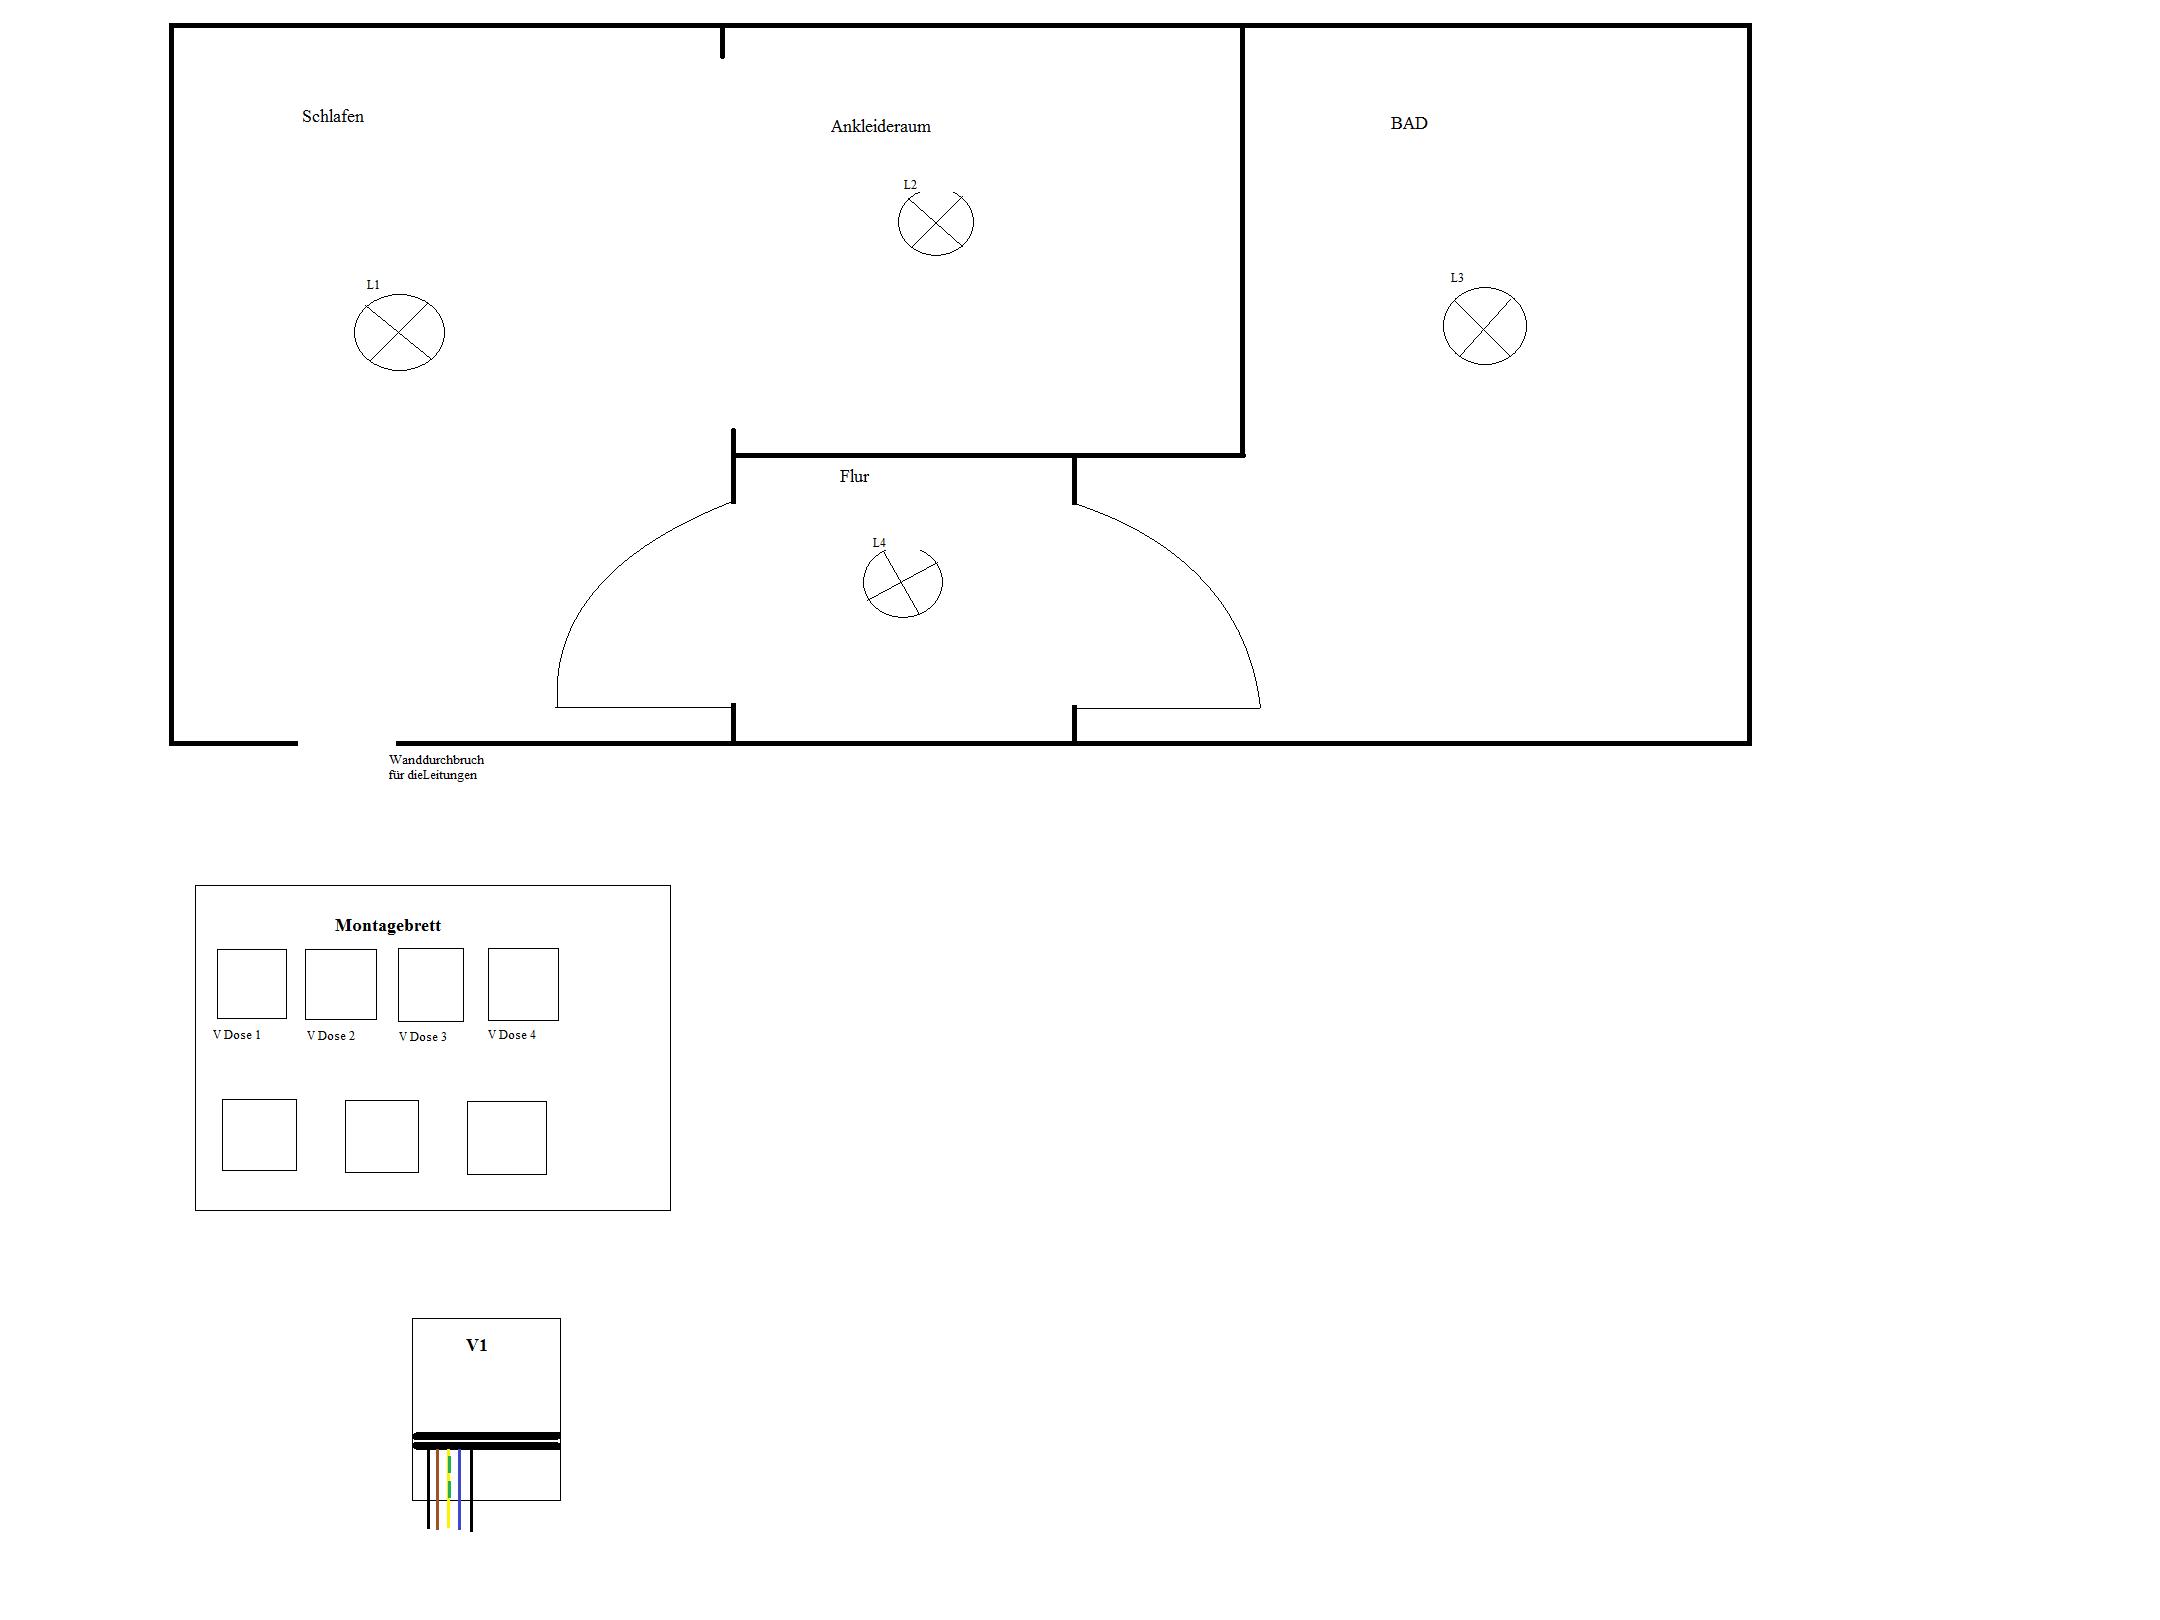 1 Raum mit Unterteilung, 4 Lampen und 4 Schalter! Wie verlege ich ...